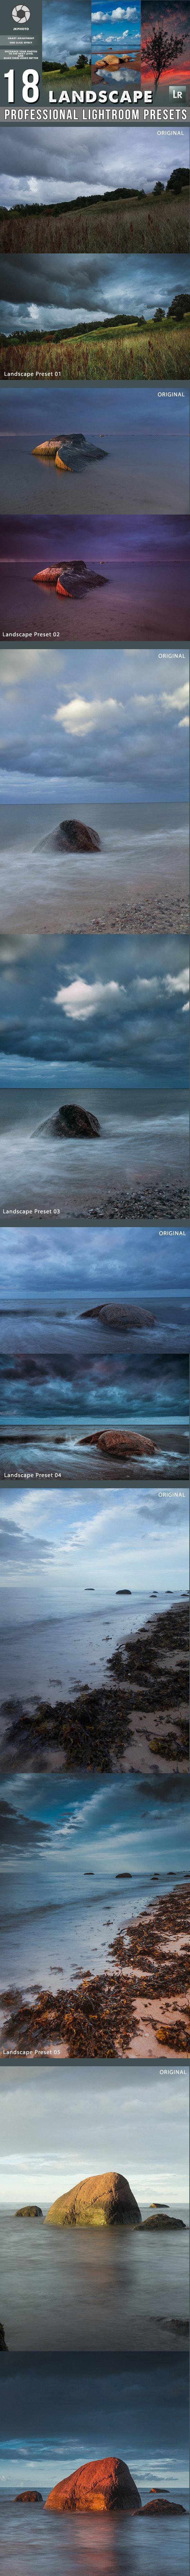 18 Professional Landscape Lightroom Presets - Landscape Lightroom Presets